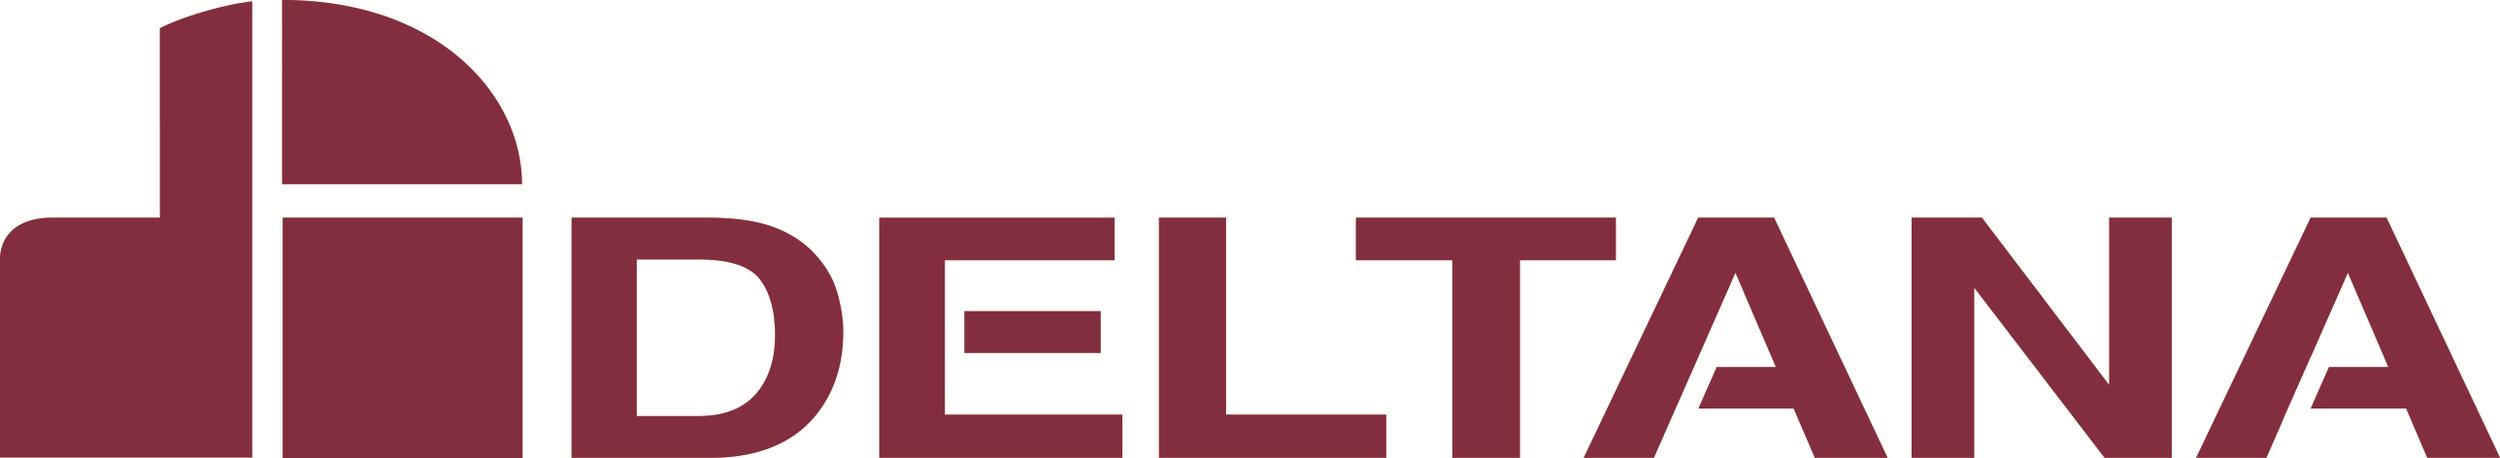 deltana-logo-cmyk.png